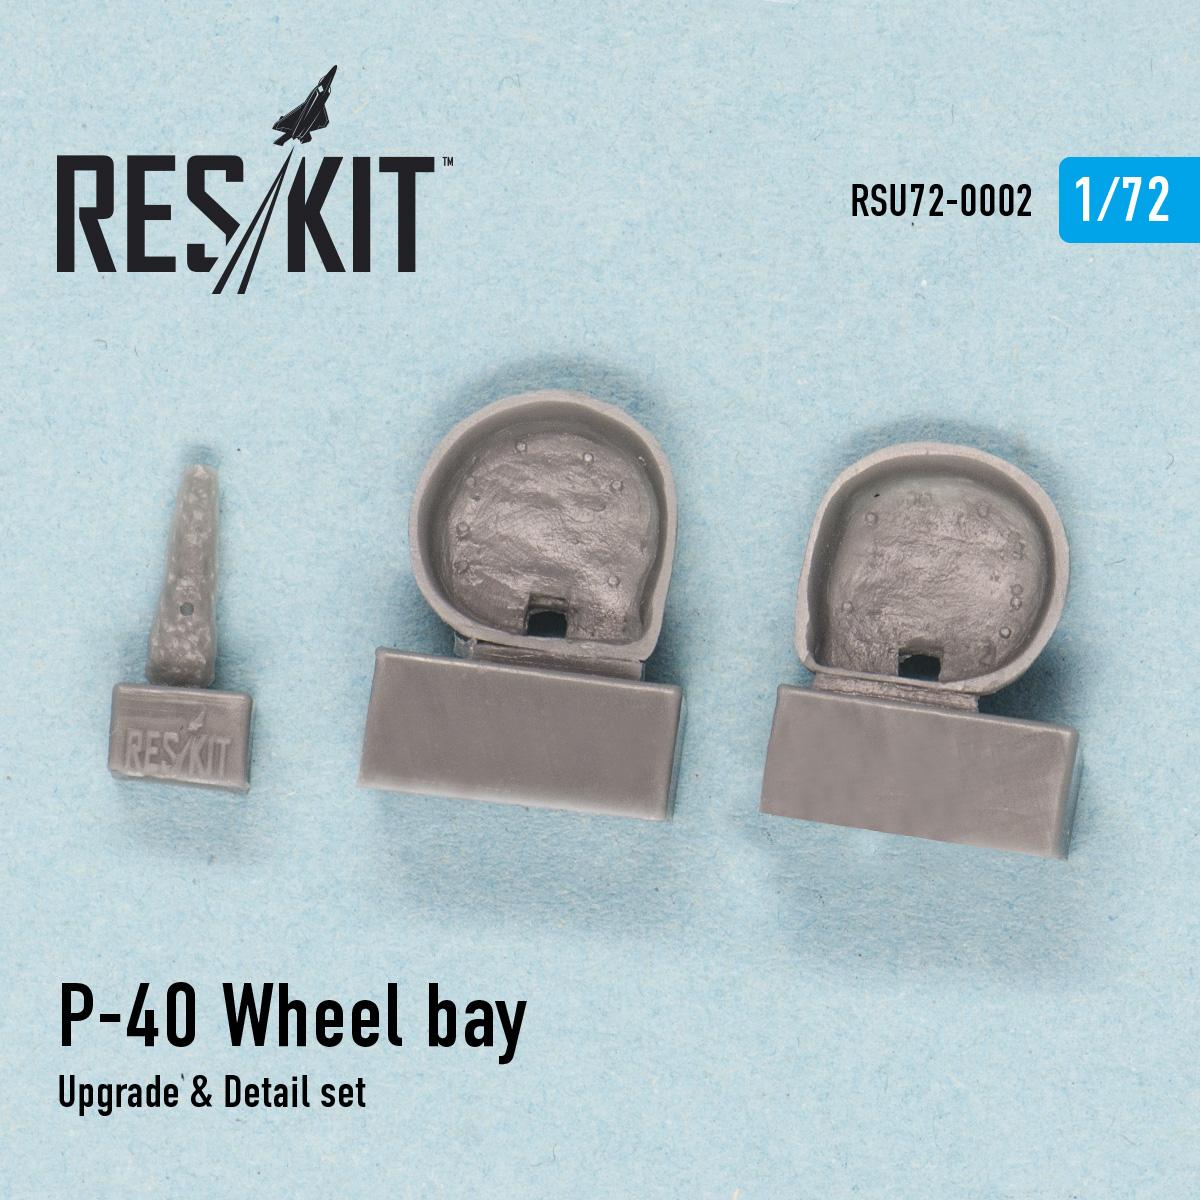 RSU72-0002